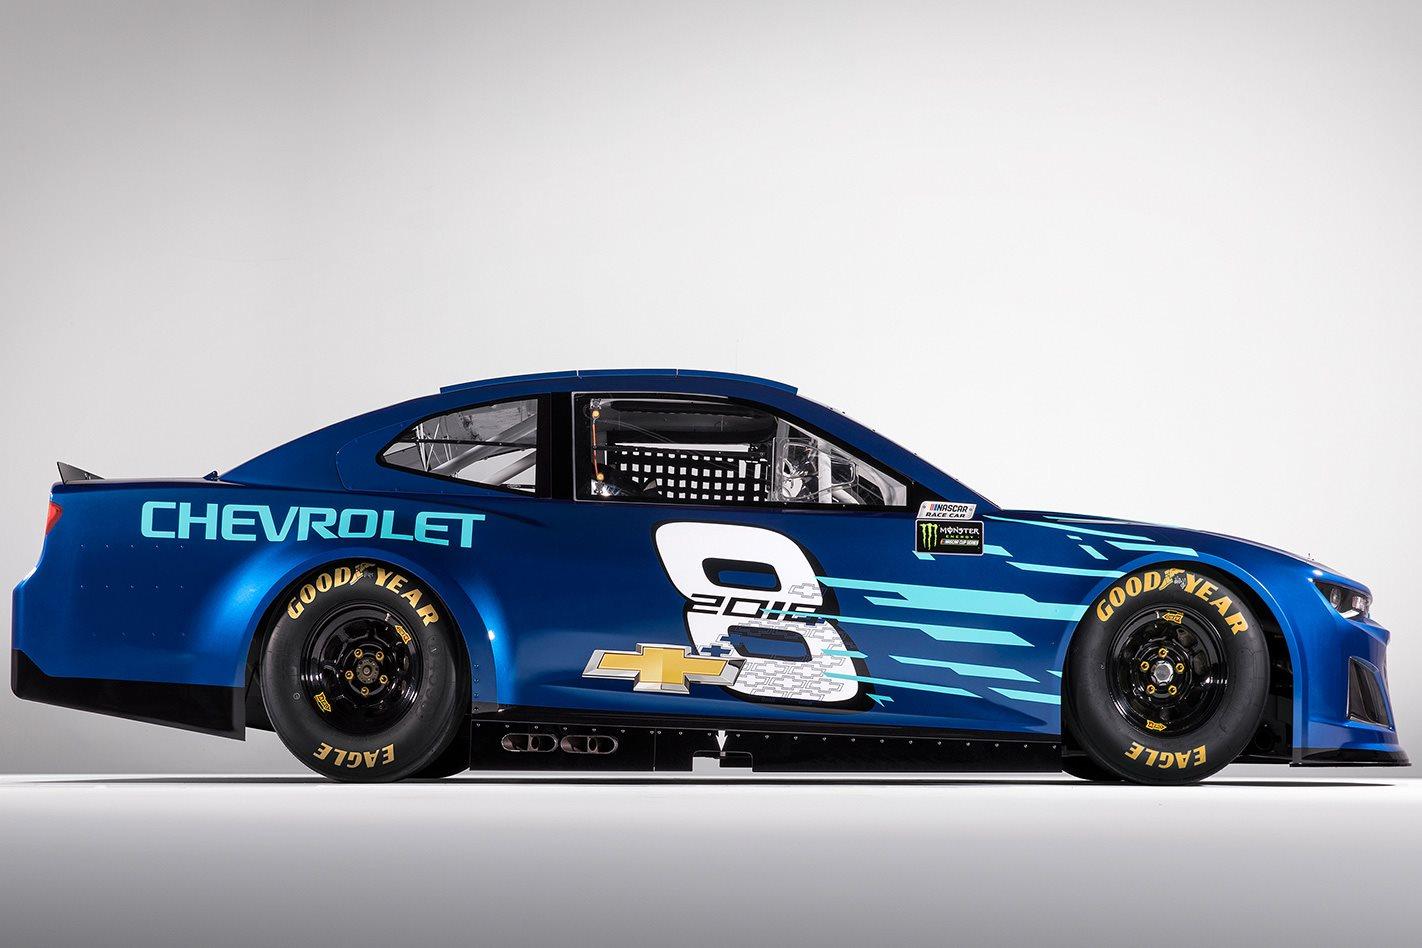 2018 Chevrolet Camaro ZL1 NASCAR side